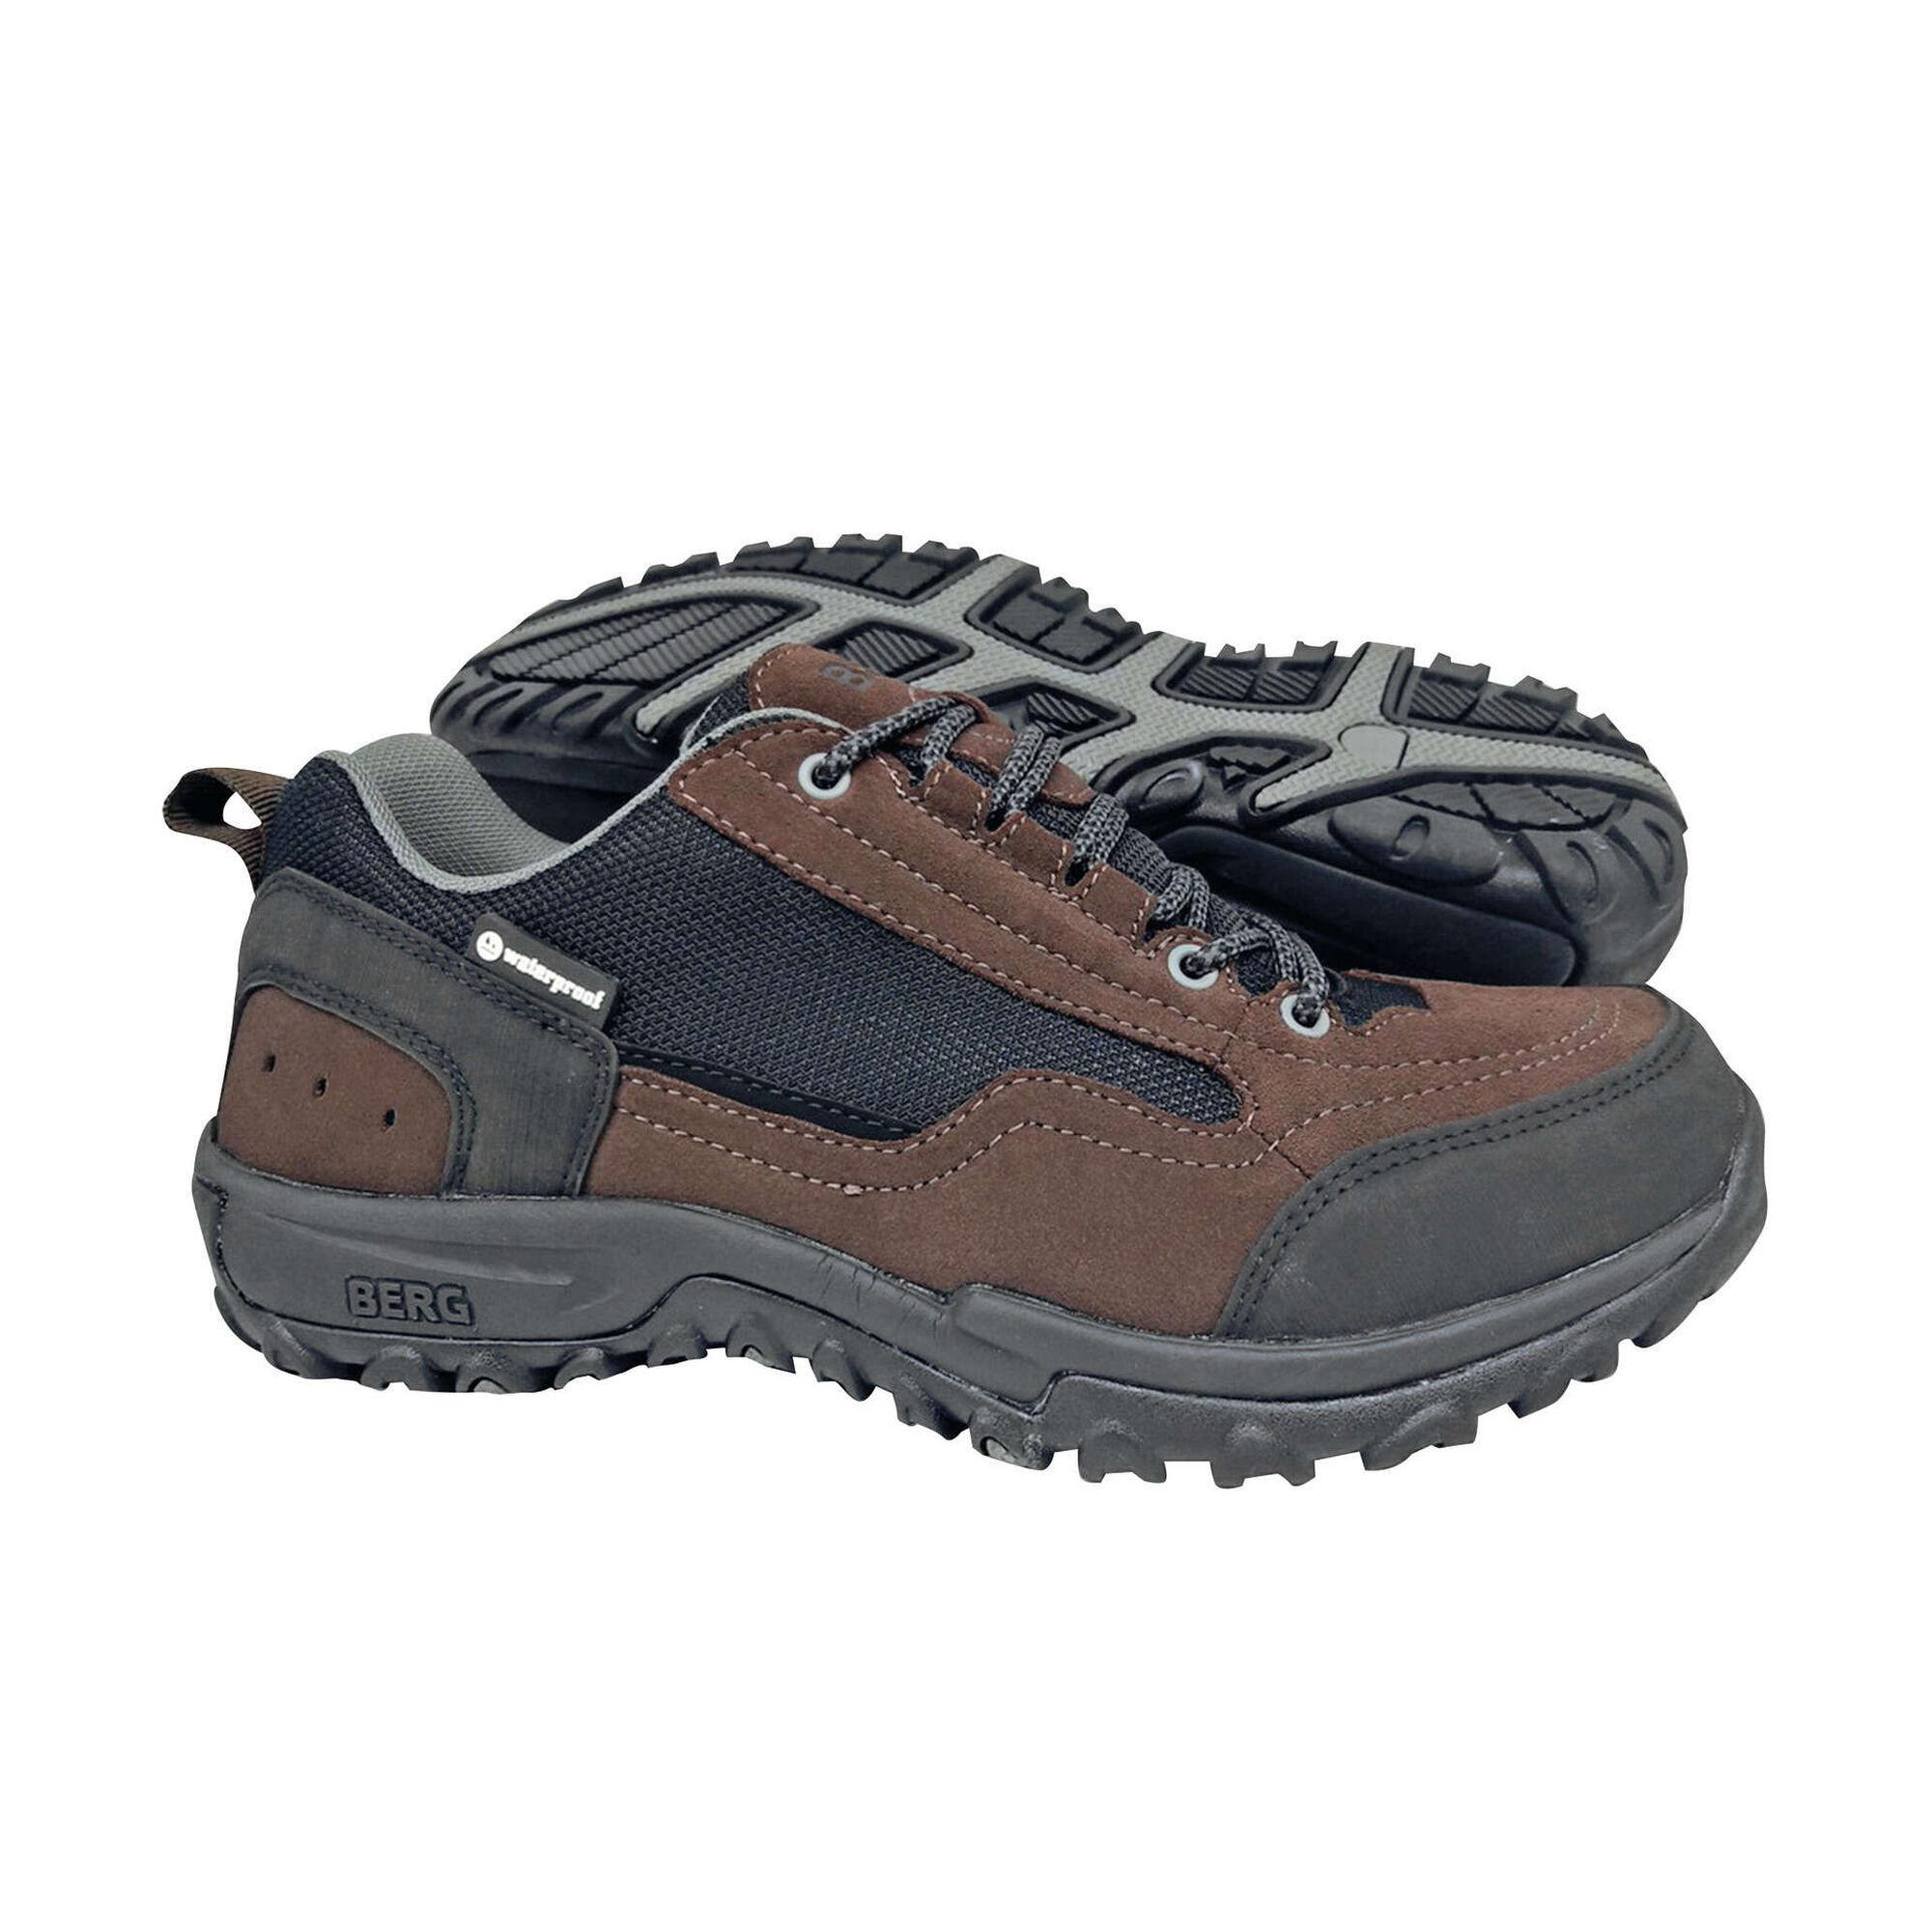 Sapatos Caminhada Impermeáveis Castanhos Hauwk